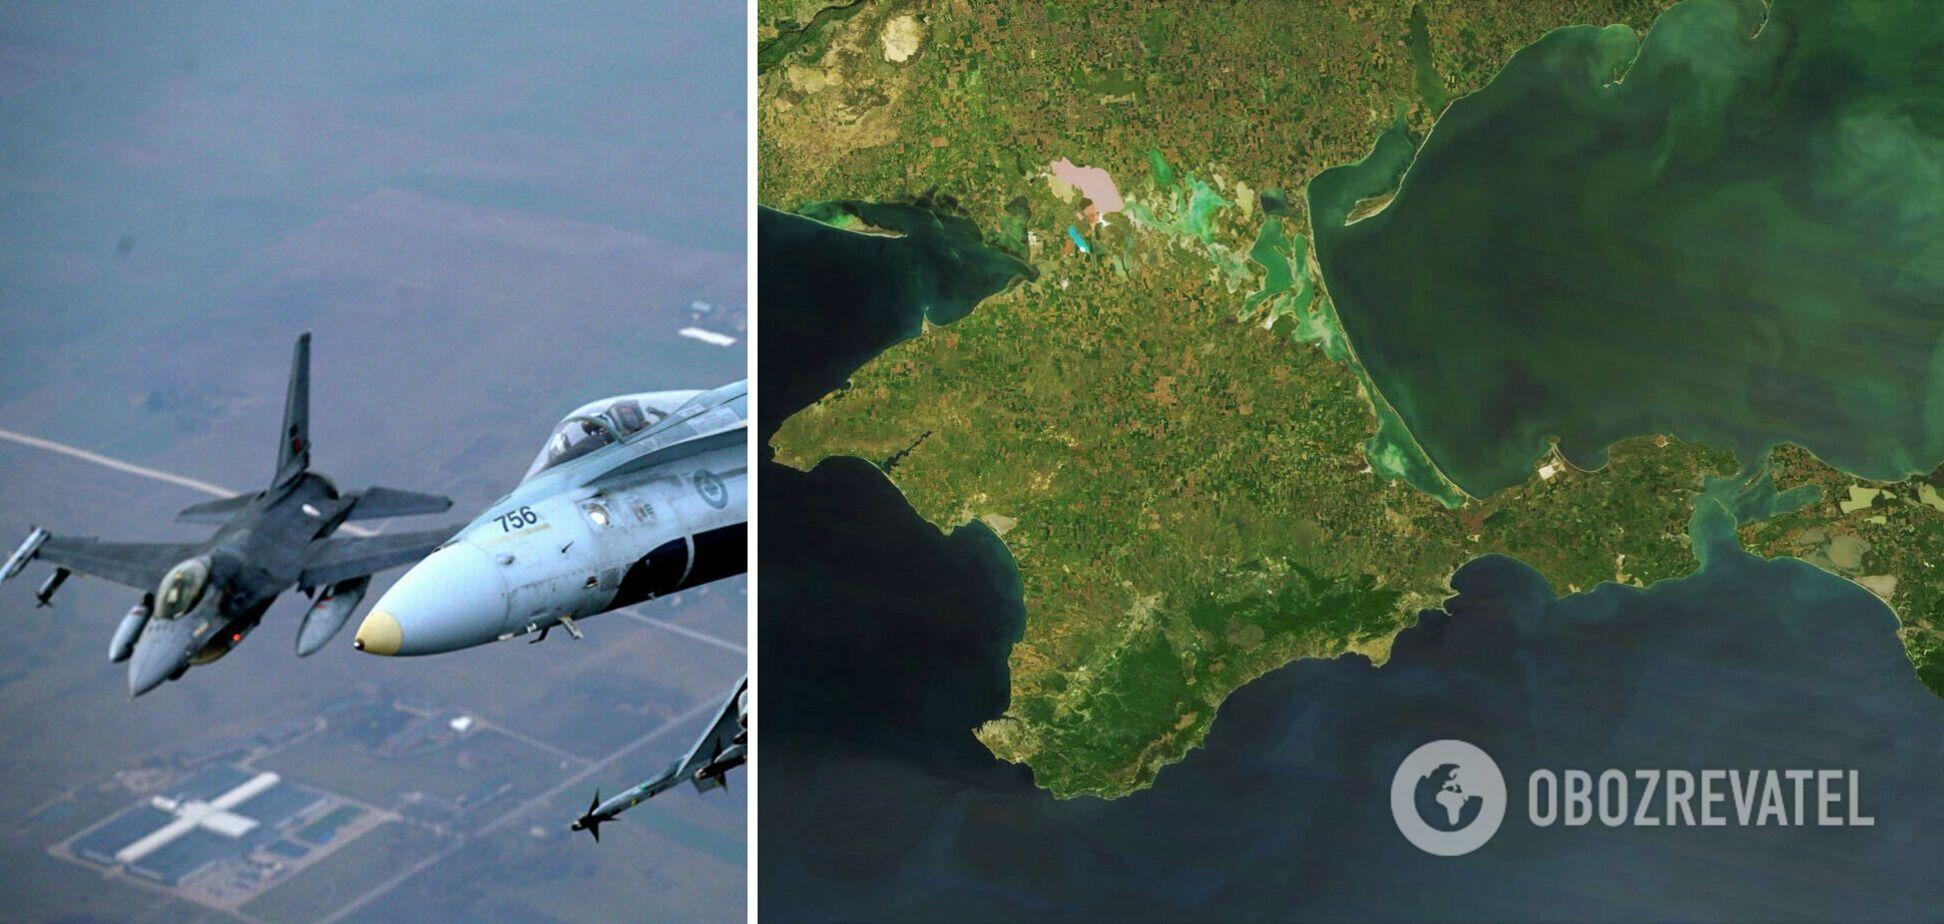 Україна запропонувала НАТО зупинити вторгнення Росії в повітряний простір біля Криму